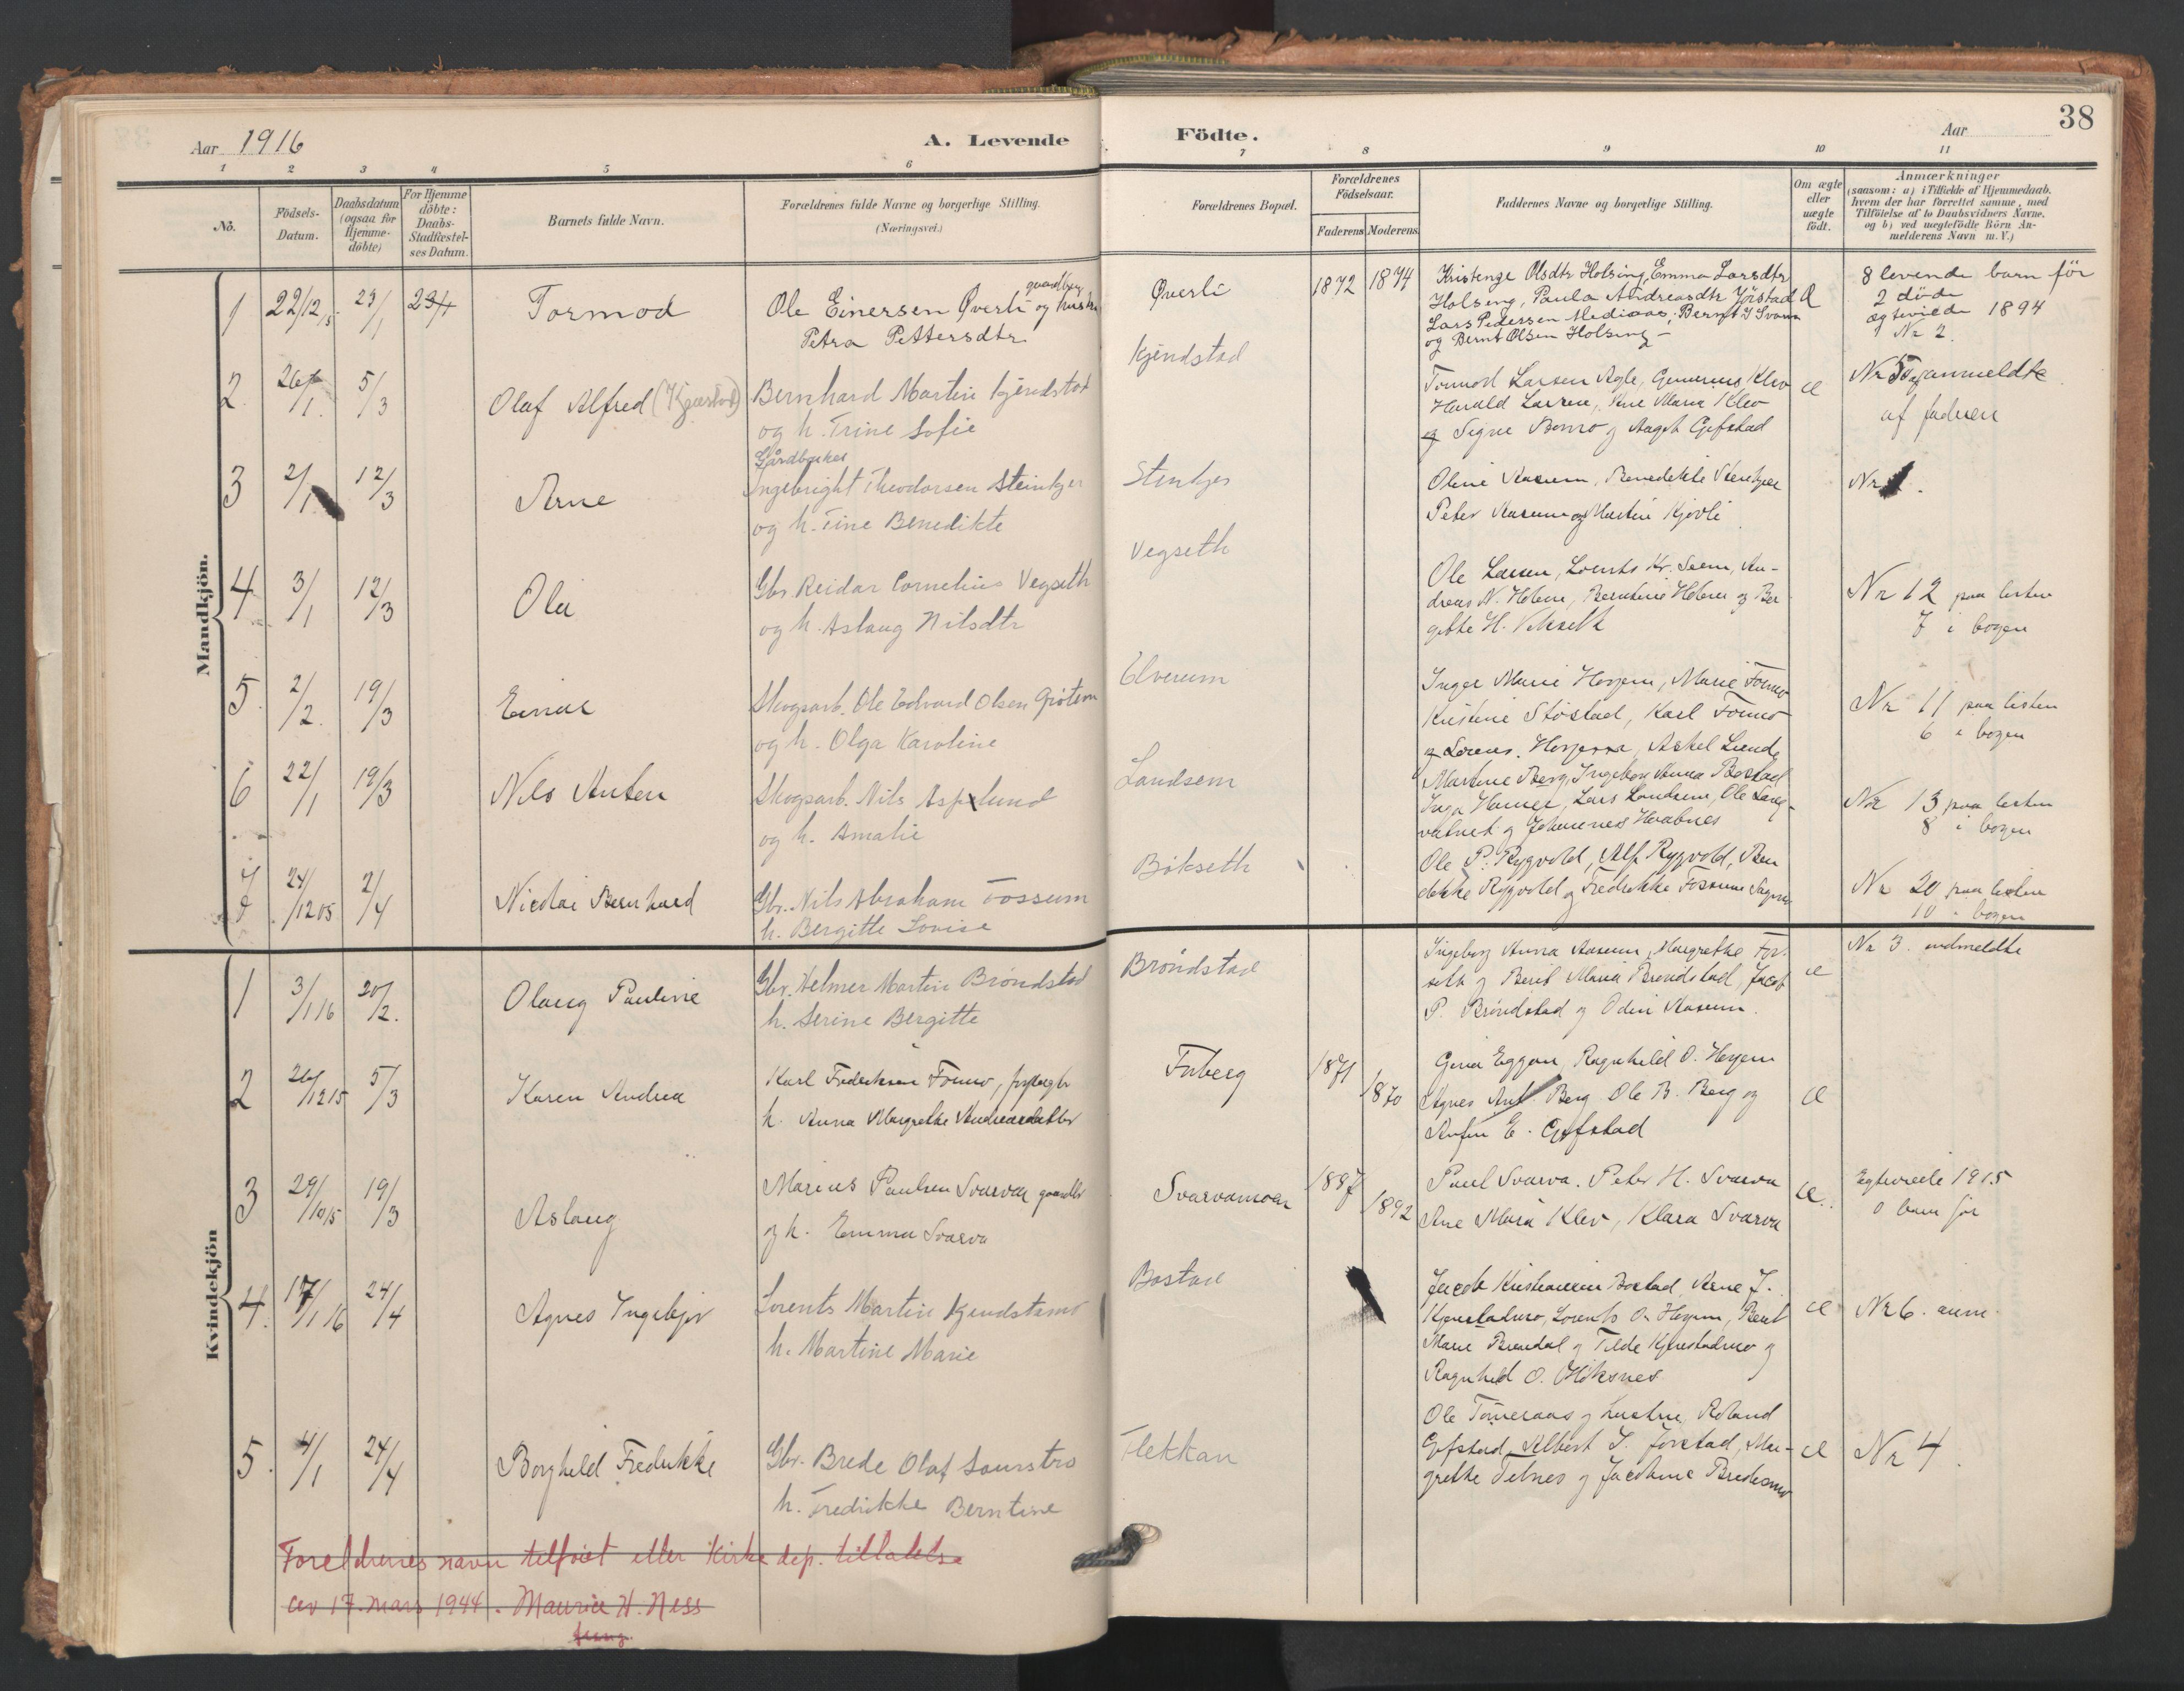 SAT, Ministerialprotokoller, klokkerbøker og fødselsregistre - Nord-Trøndelag, 749/L0477: Ministerialbok nr. 749A11, 1902-1927, s. 38